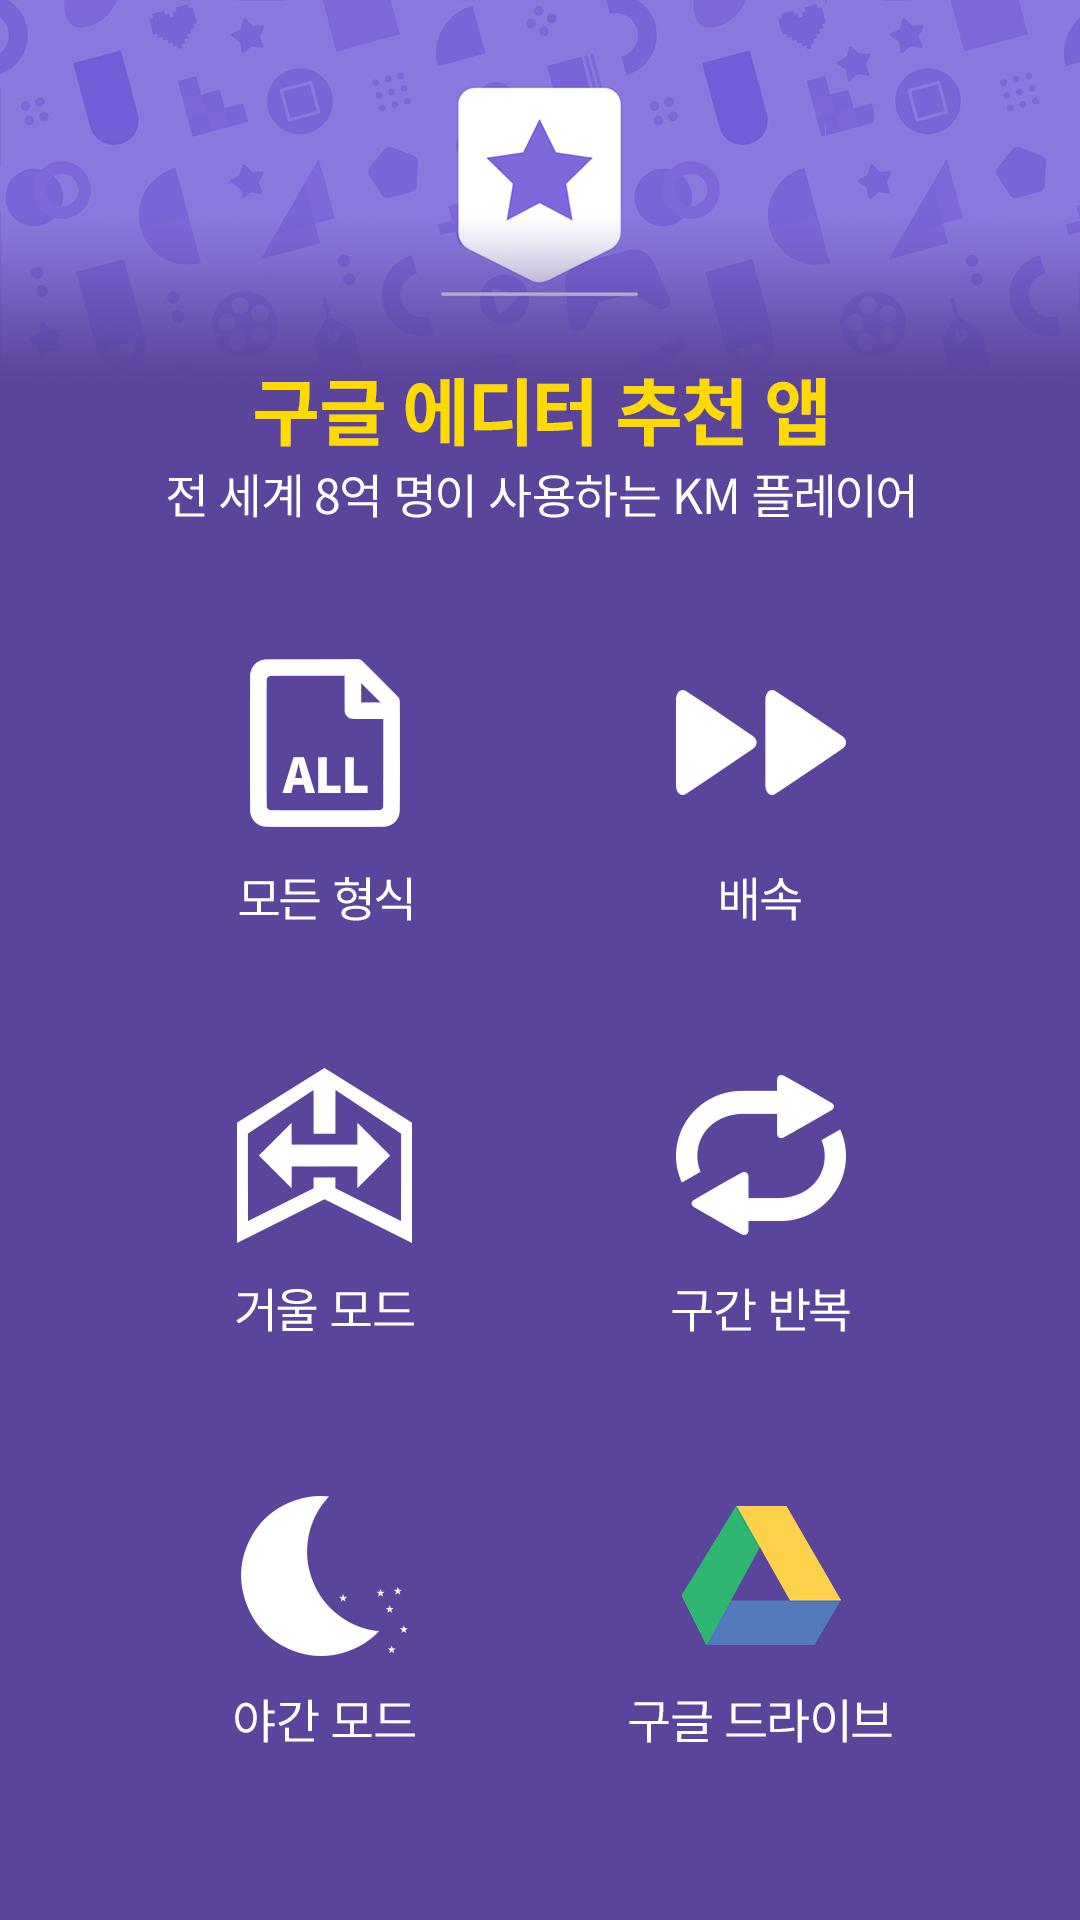 비디오 플레이어 자막